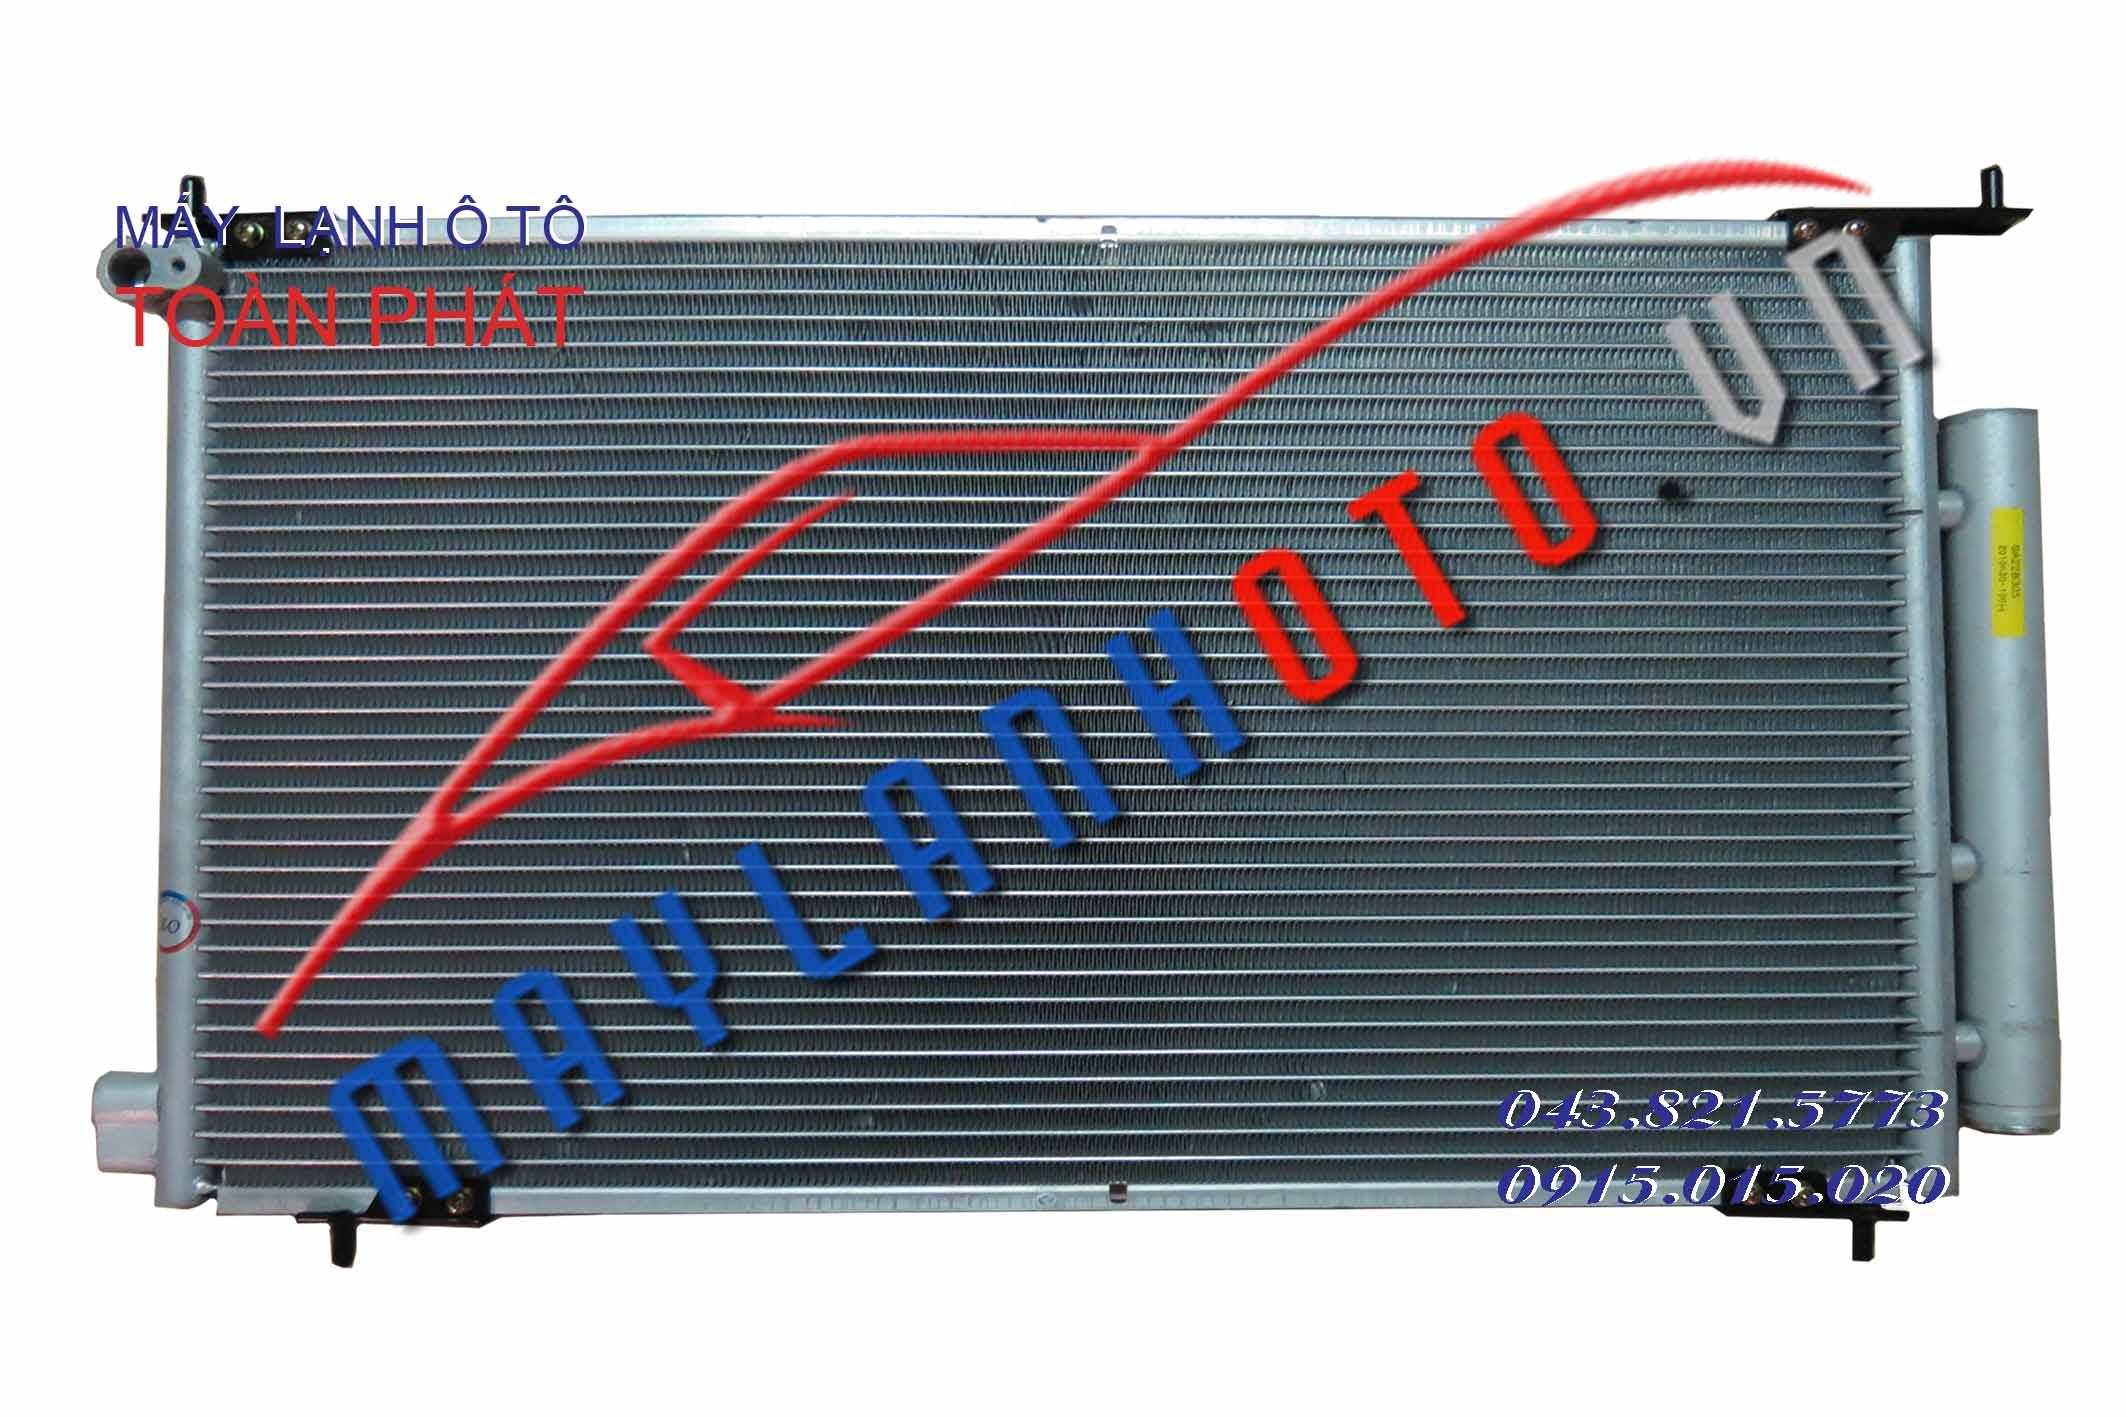 CRV 2000-2005 / Giàn nóng điều hòa Honda CRV 2000-2005 / Dàn nóng điều hòa Honda CRV 2000-2005